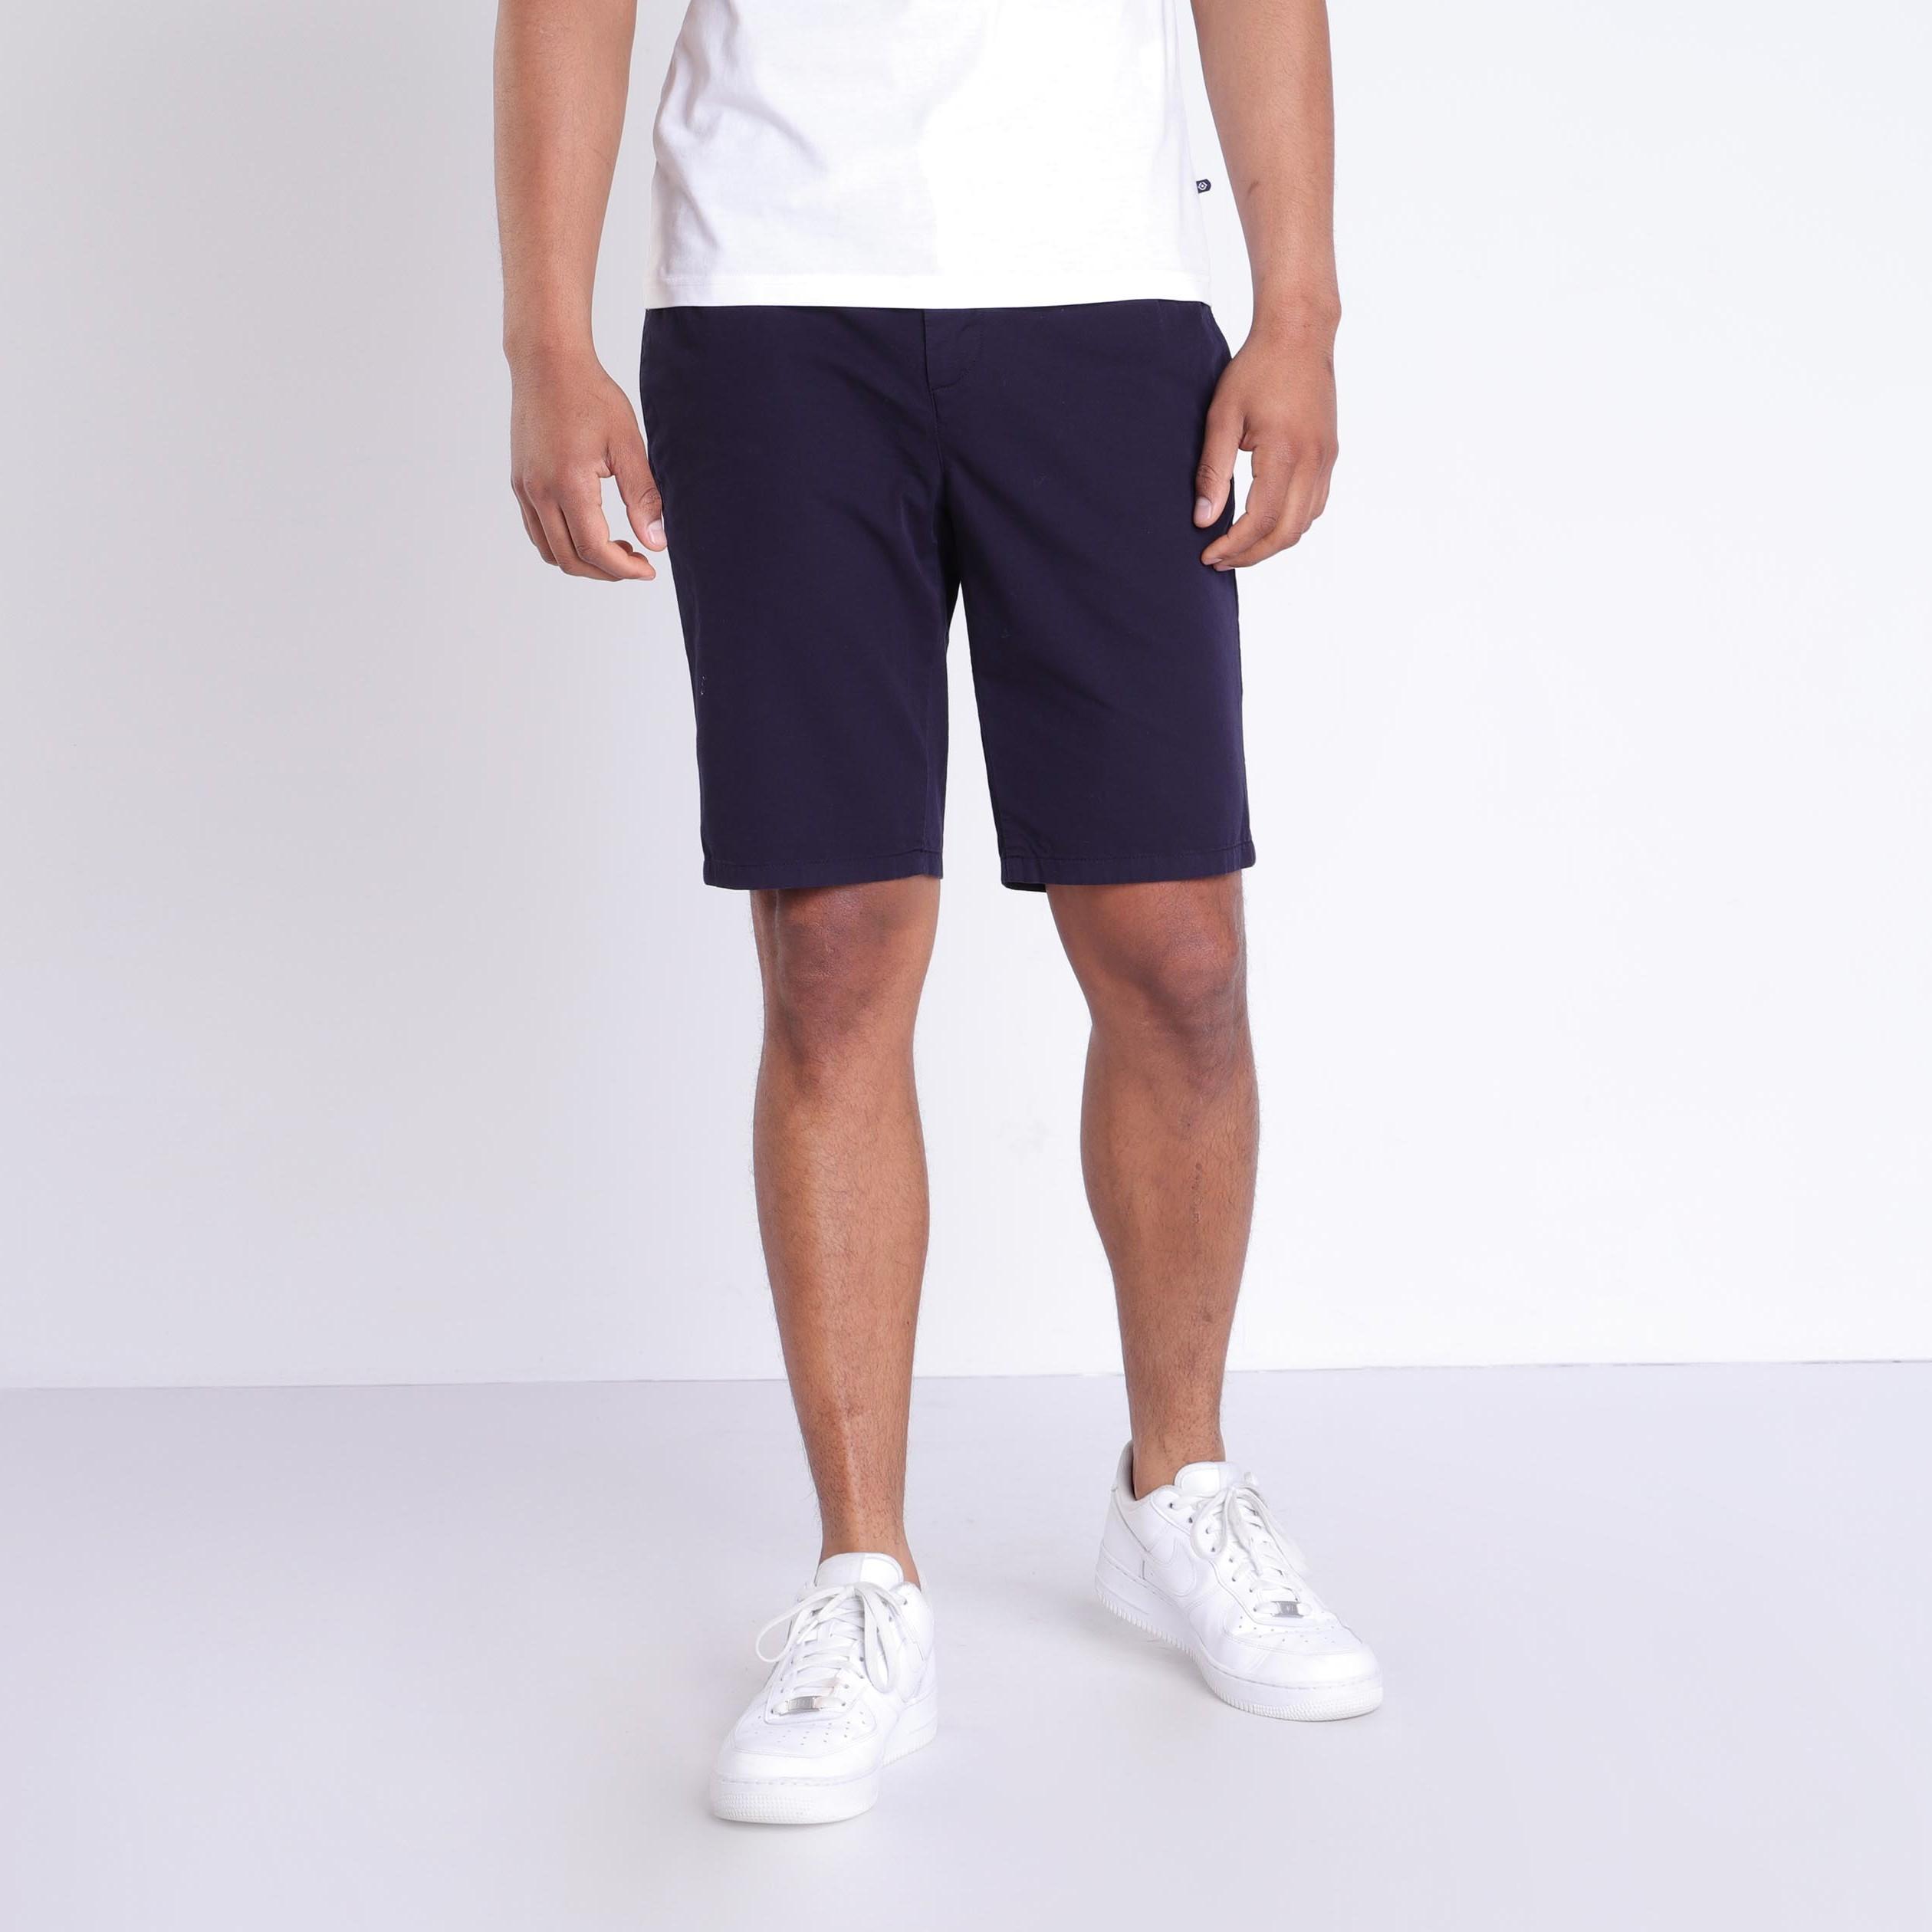 premier coup d'oeil design exquis professionnel de premier plan Short court à cordons rayés bleu foncé homme